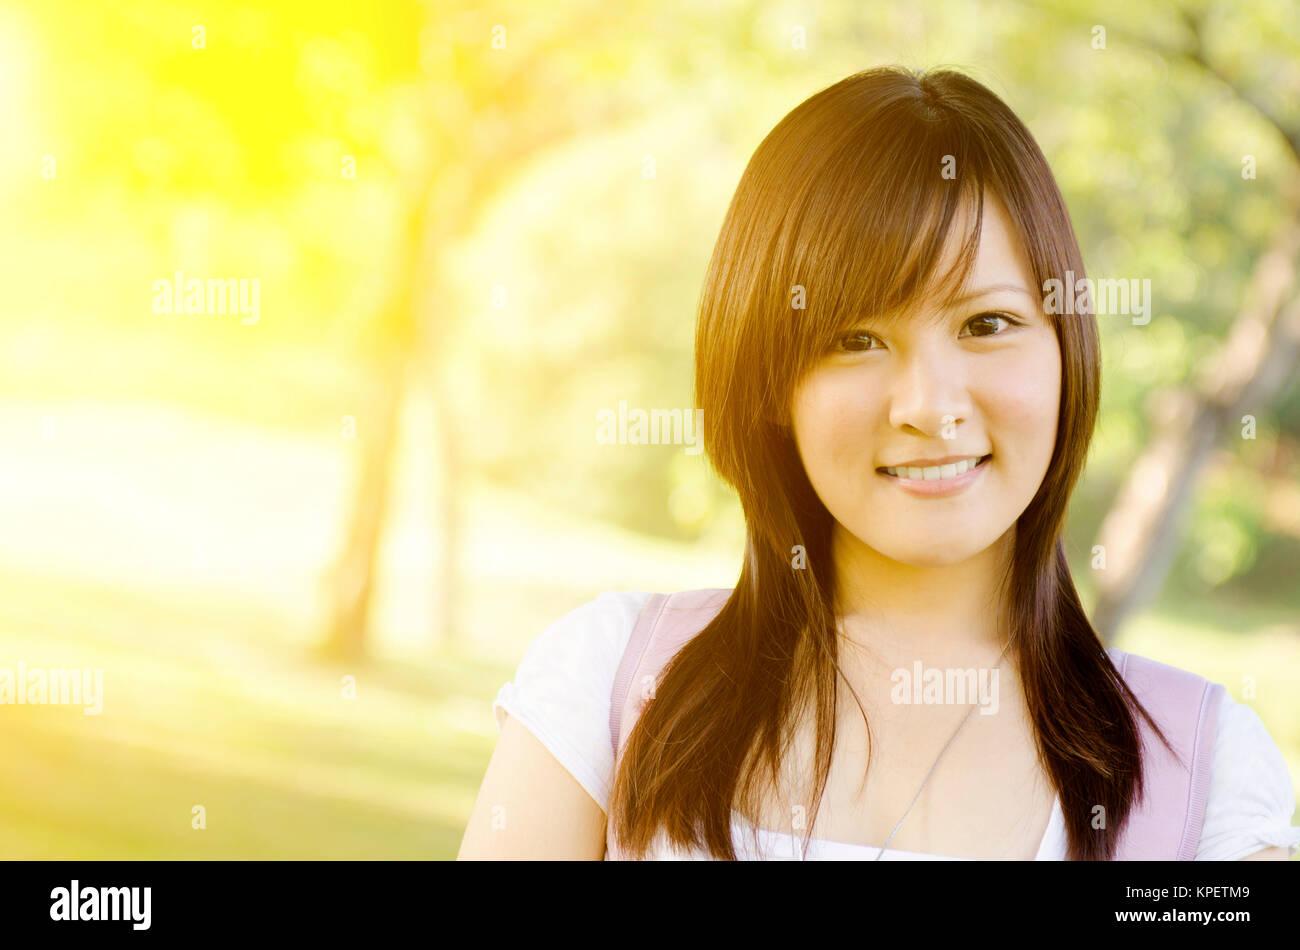 Amerikanisches College-Mädchen Asiatisches Full text